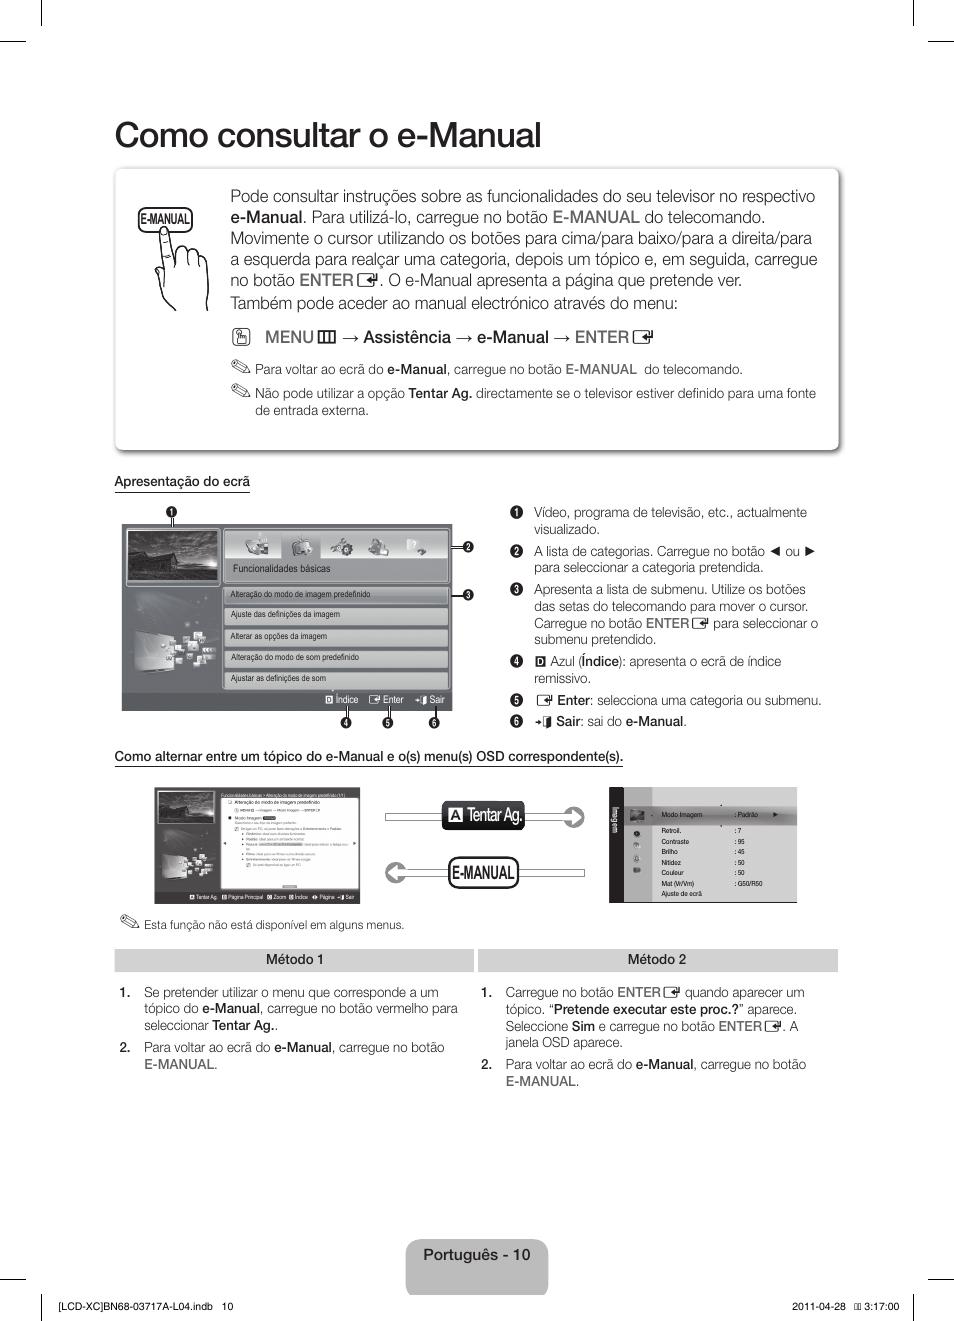 como consultar o e manual a tentar ag e manual samsung rh manualsdir com samsung s2 manual download samsung 55 manual